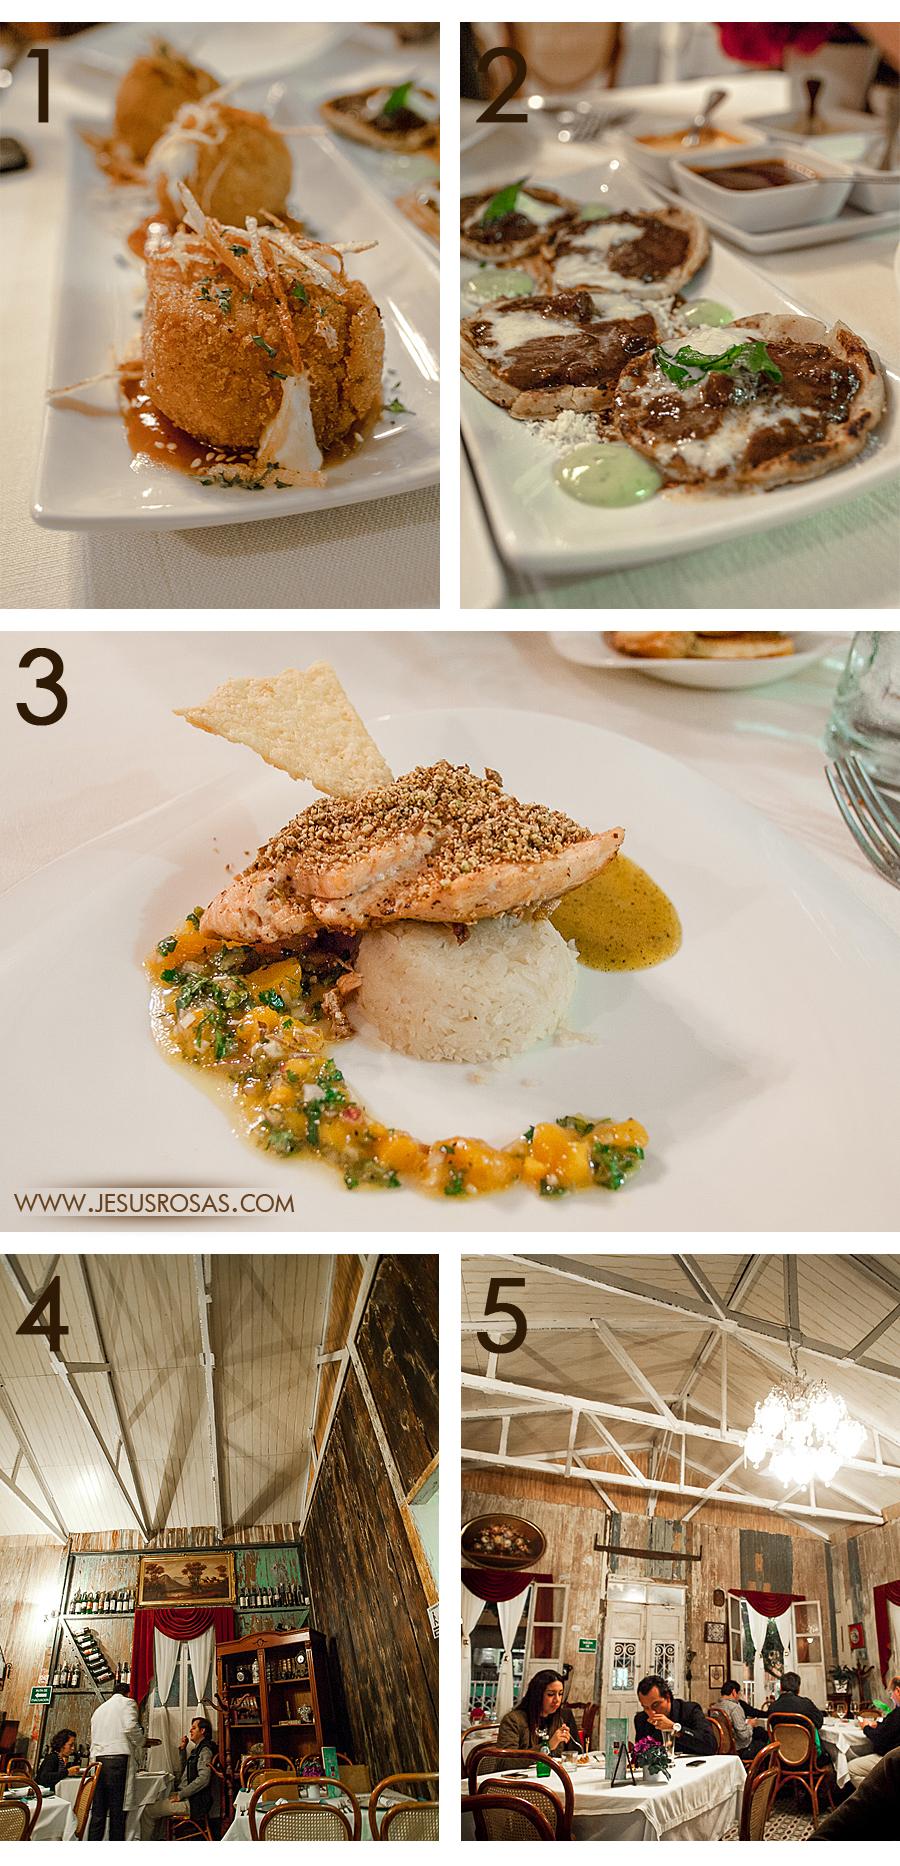 restaurante-fusion-veracruz-mexico-salmon-queso